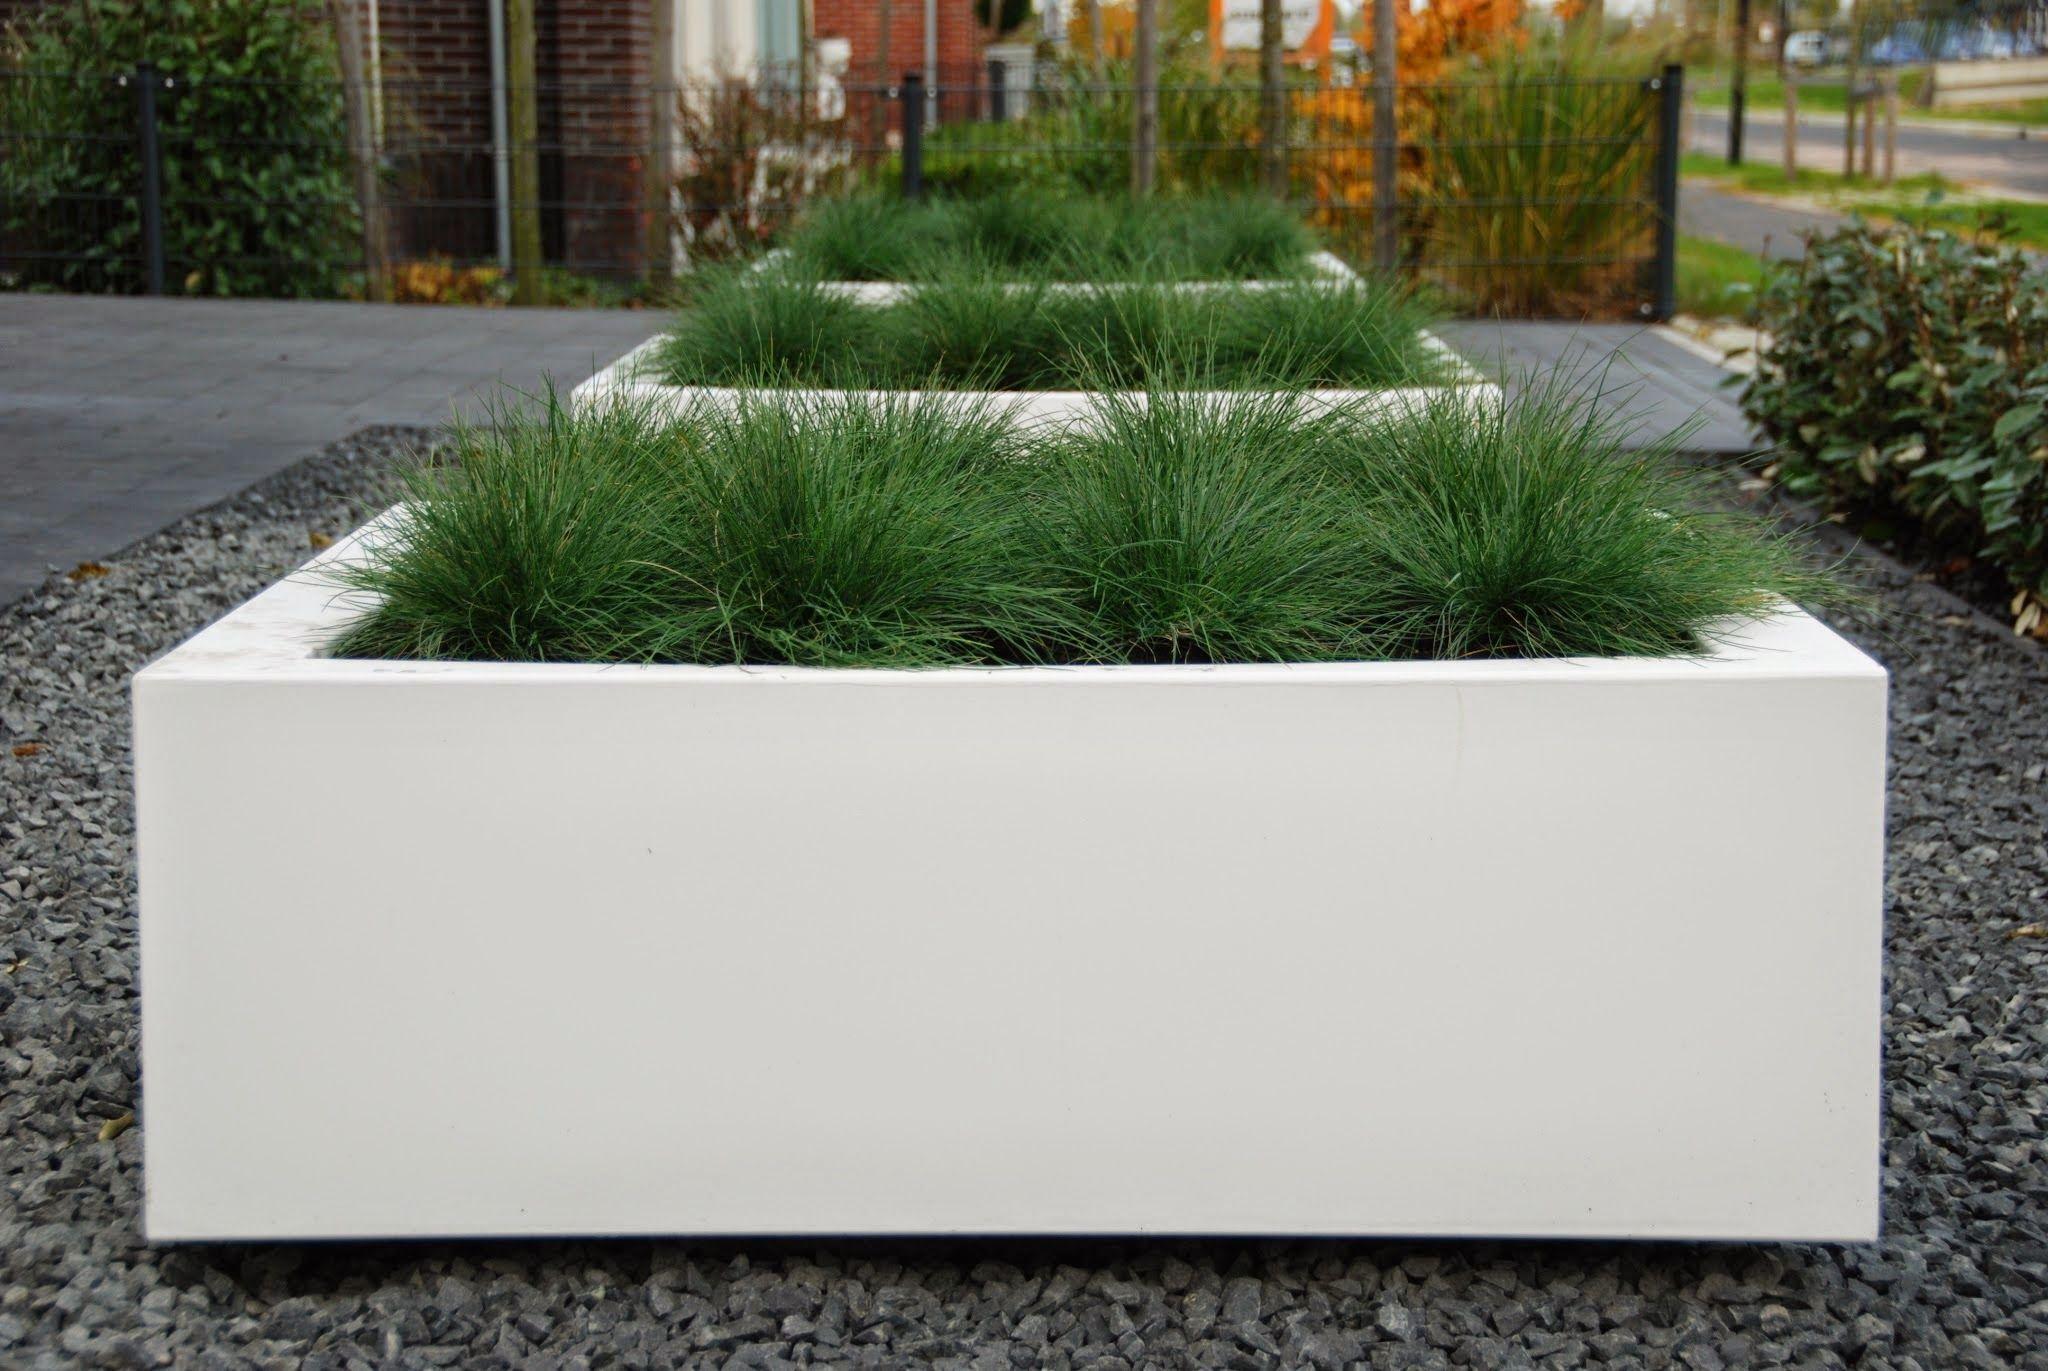 De Petits Espaces Verts Dans Des Jardinieres En Aluminium Voortuin Tuin Voortuin Ideeen